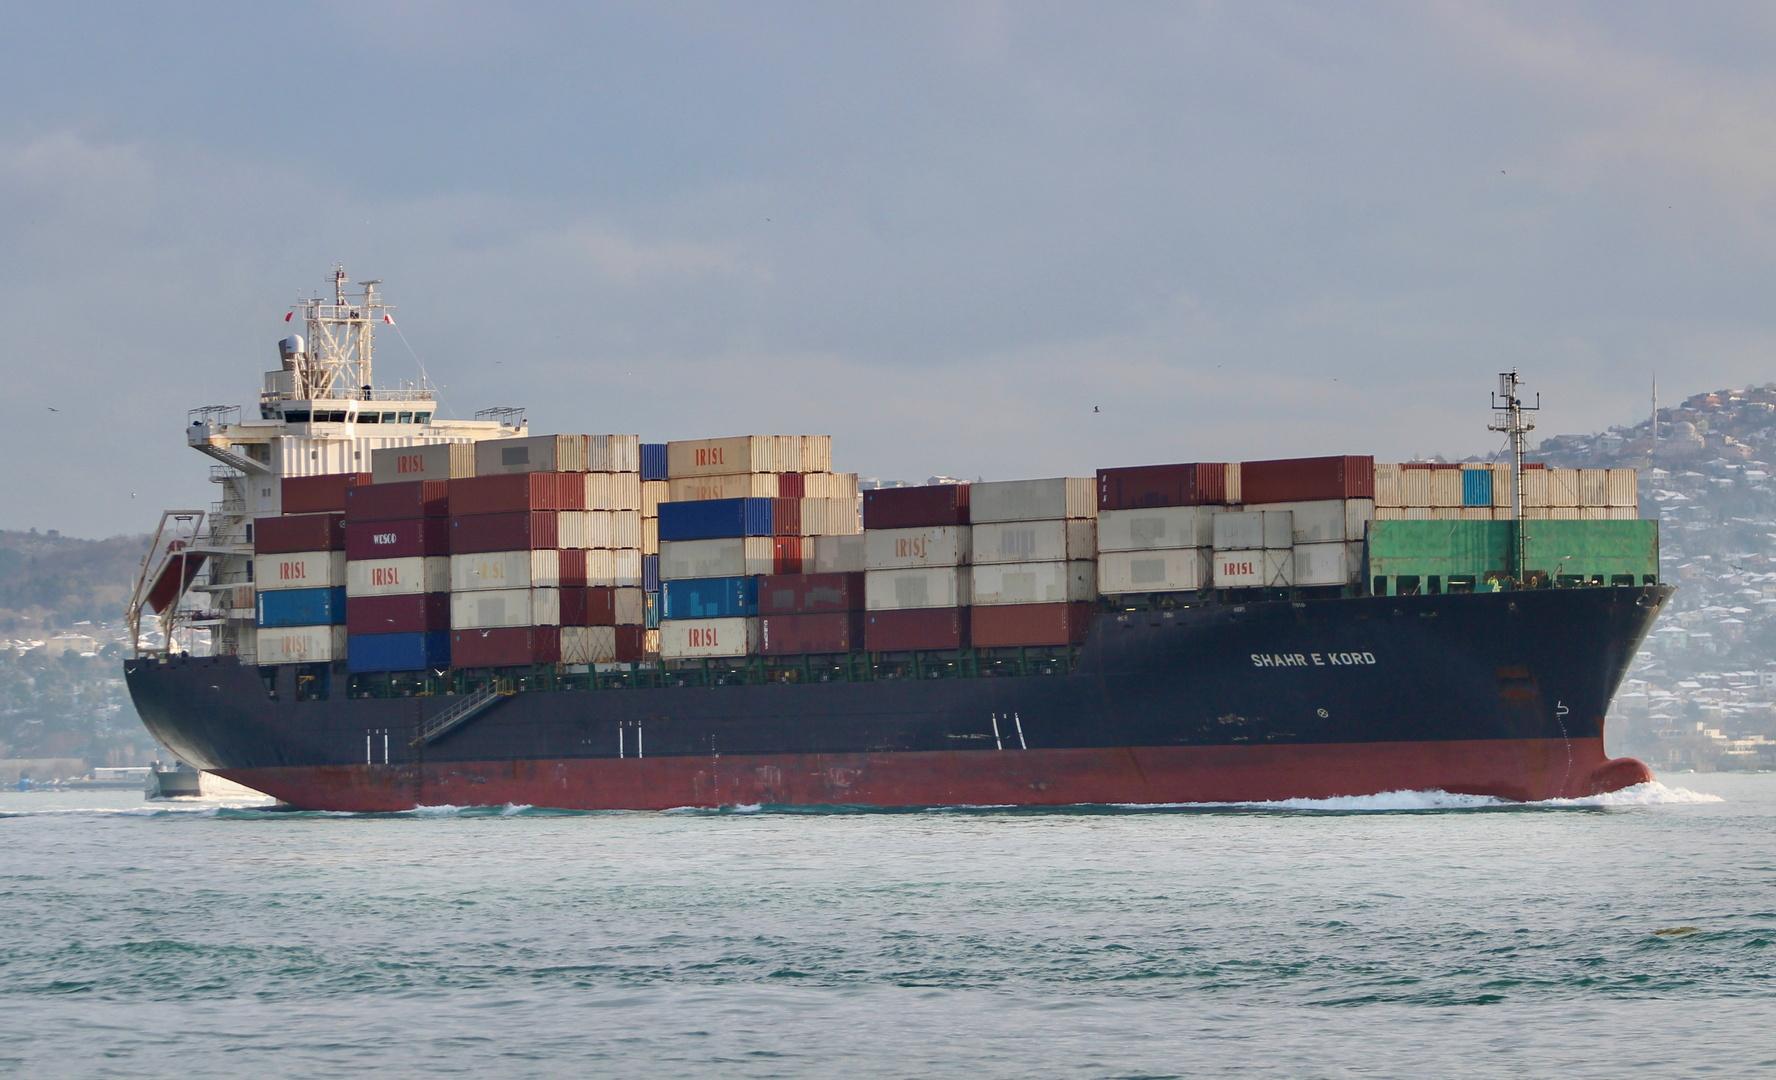 أنباء عن استهداف سفينة تجارية إسرائيلية شمال المحيط الهندي